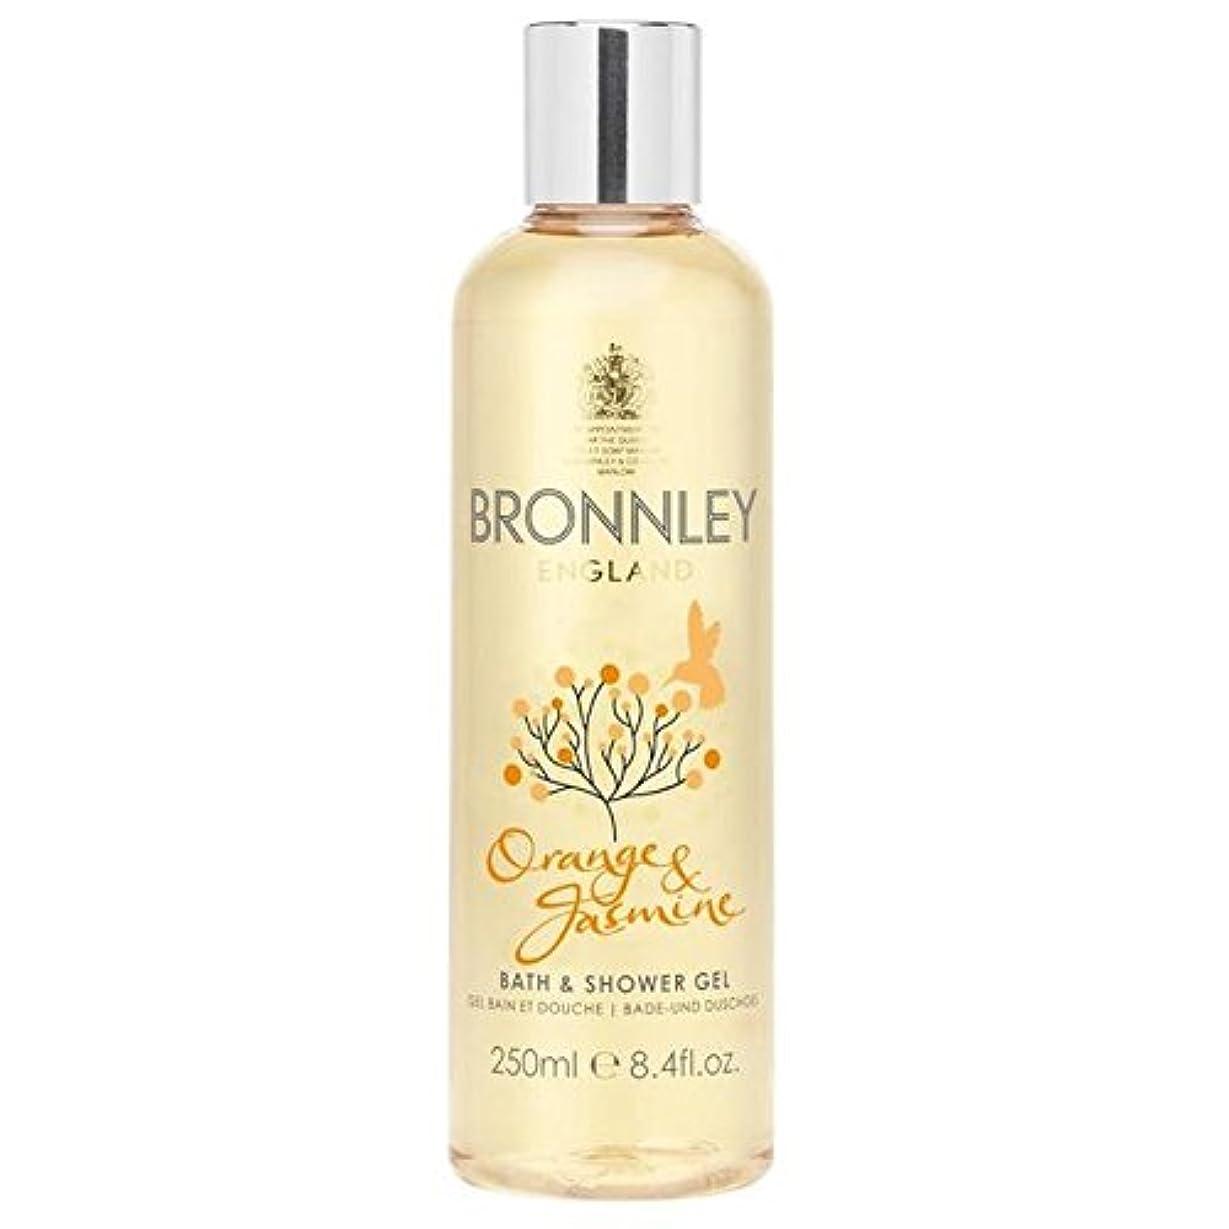 ハム旋回賢いオレンジ&ジャスミンバス&シャワージェル250ミリリットル x4 - Bronnley Orange & Jasmine Bath & Shower Gel 250ml (Pack of 4) [並行輸入品]